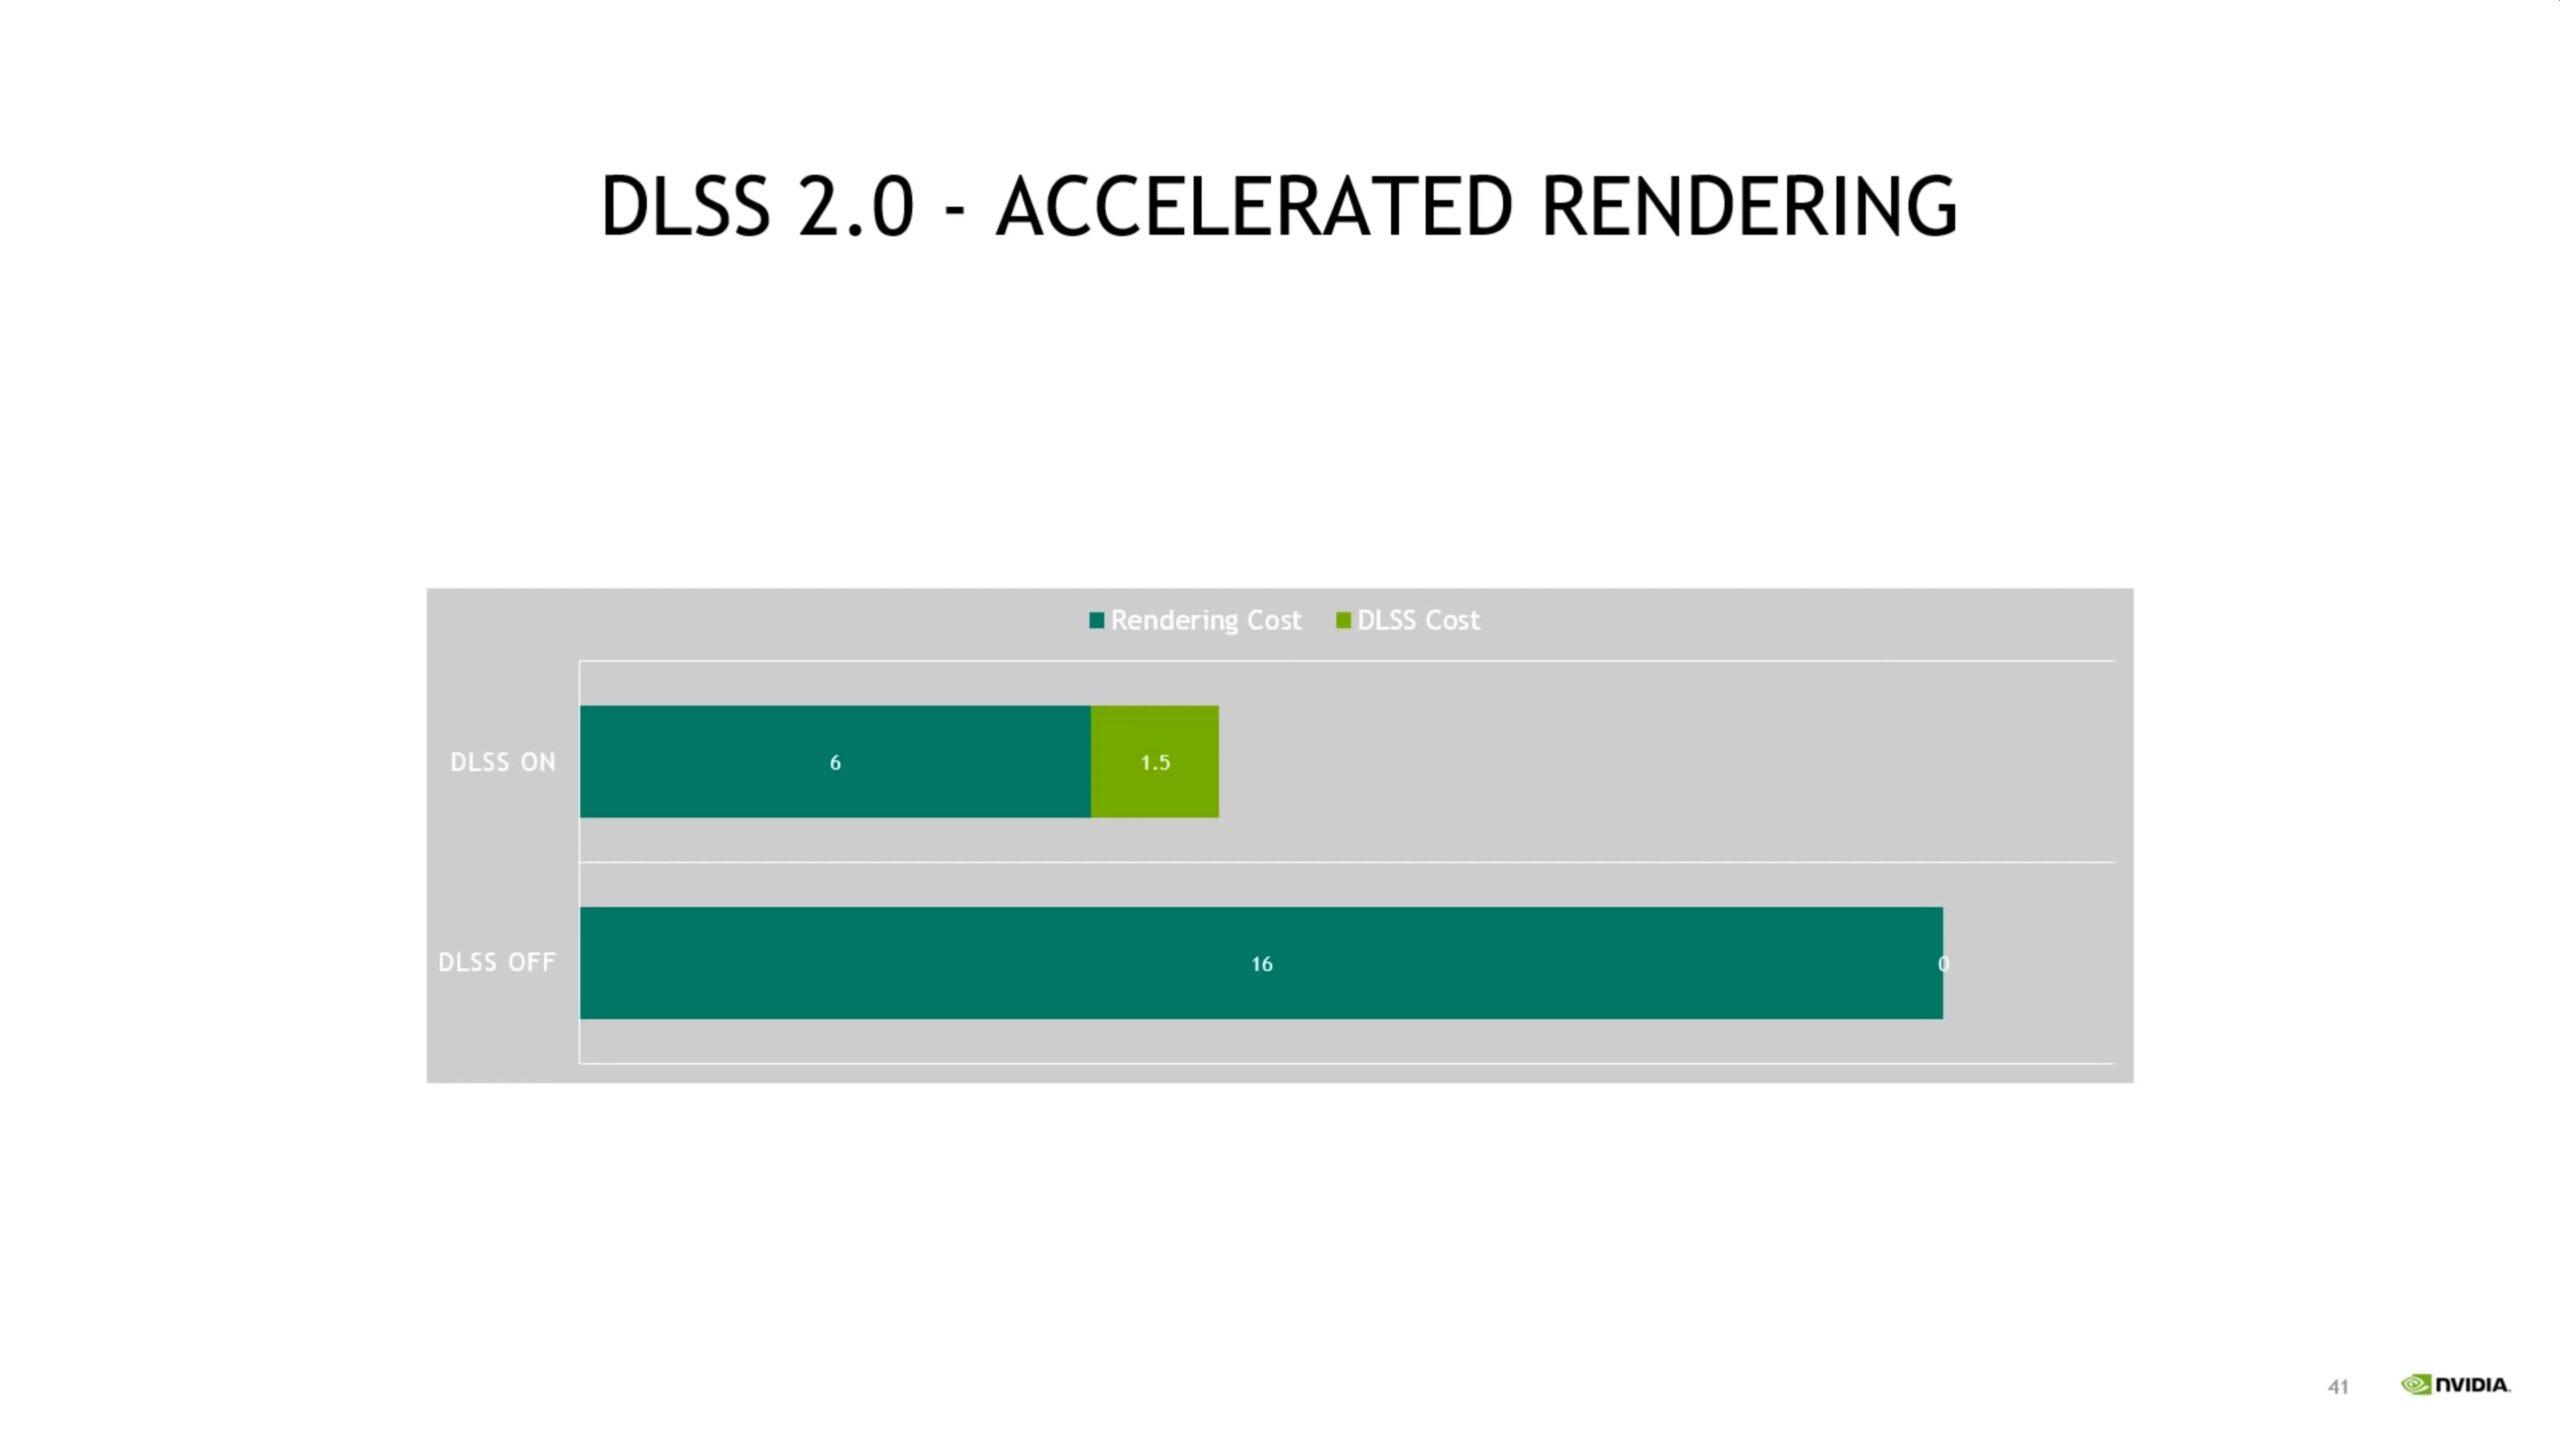 Nvidia presenta nuevas imágenes sobre cómo surge la 'magia' del DLSS 2.0 9